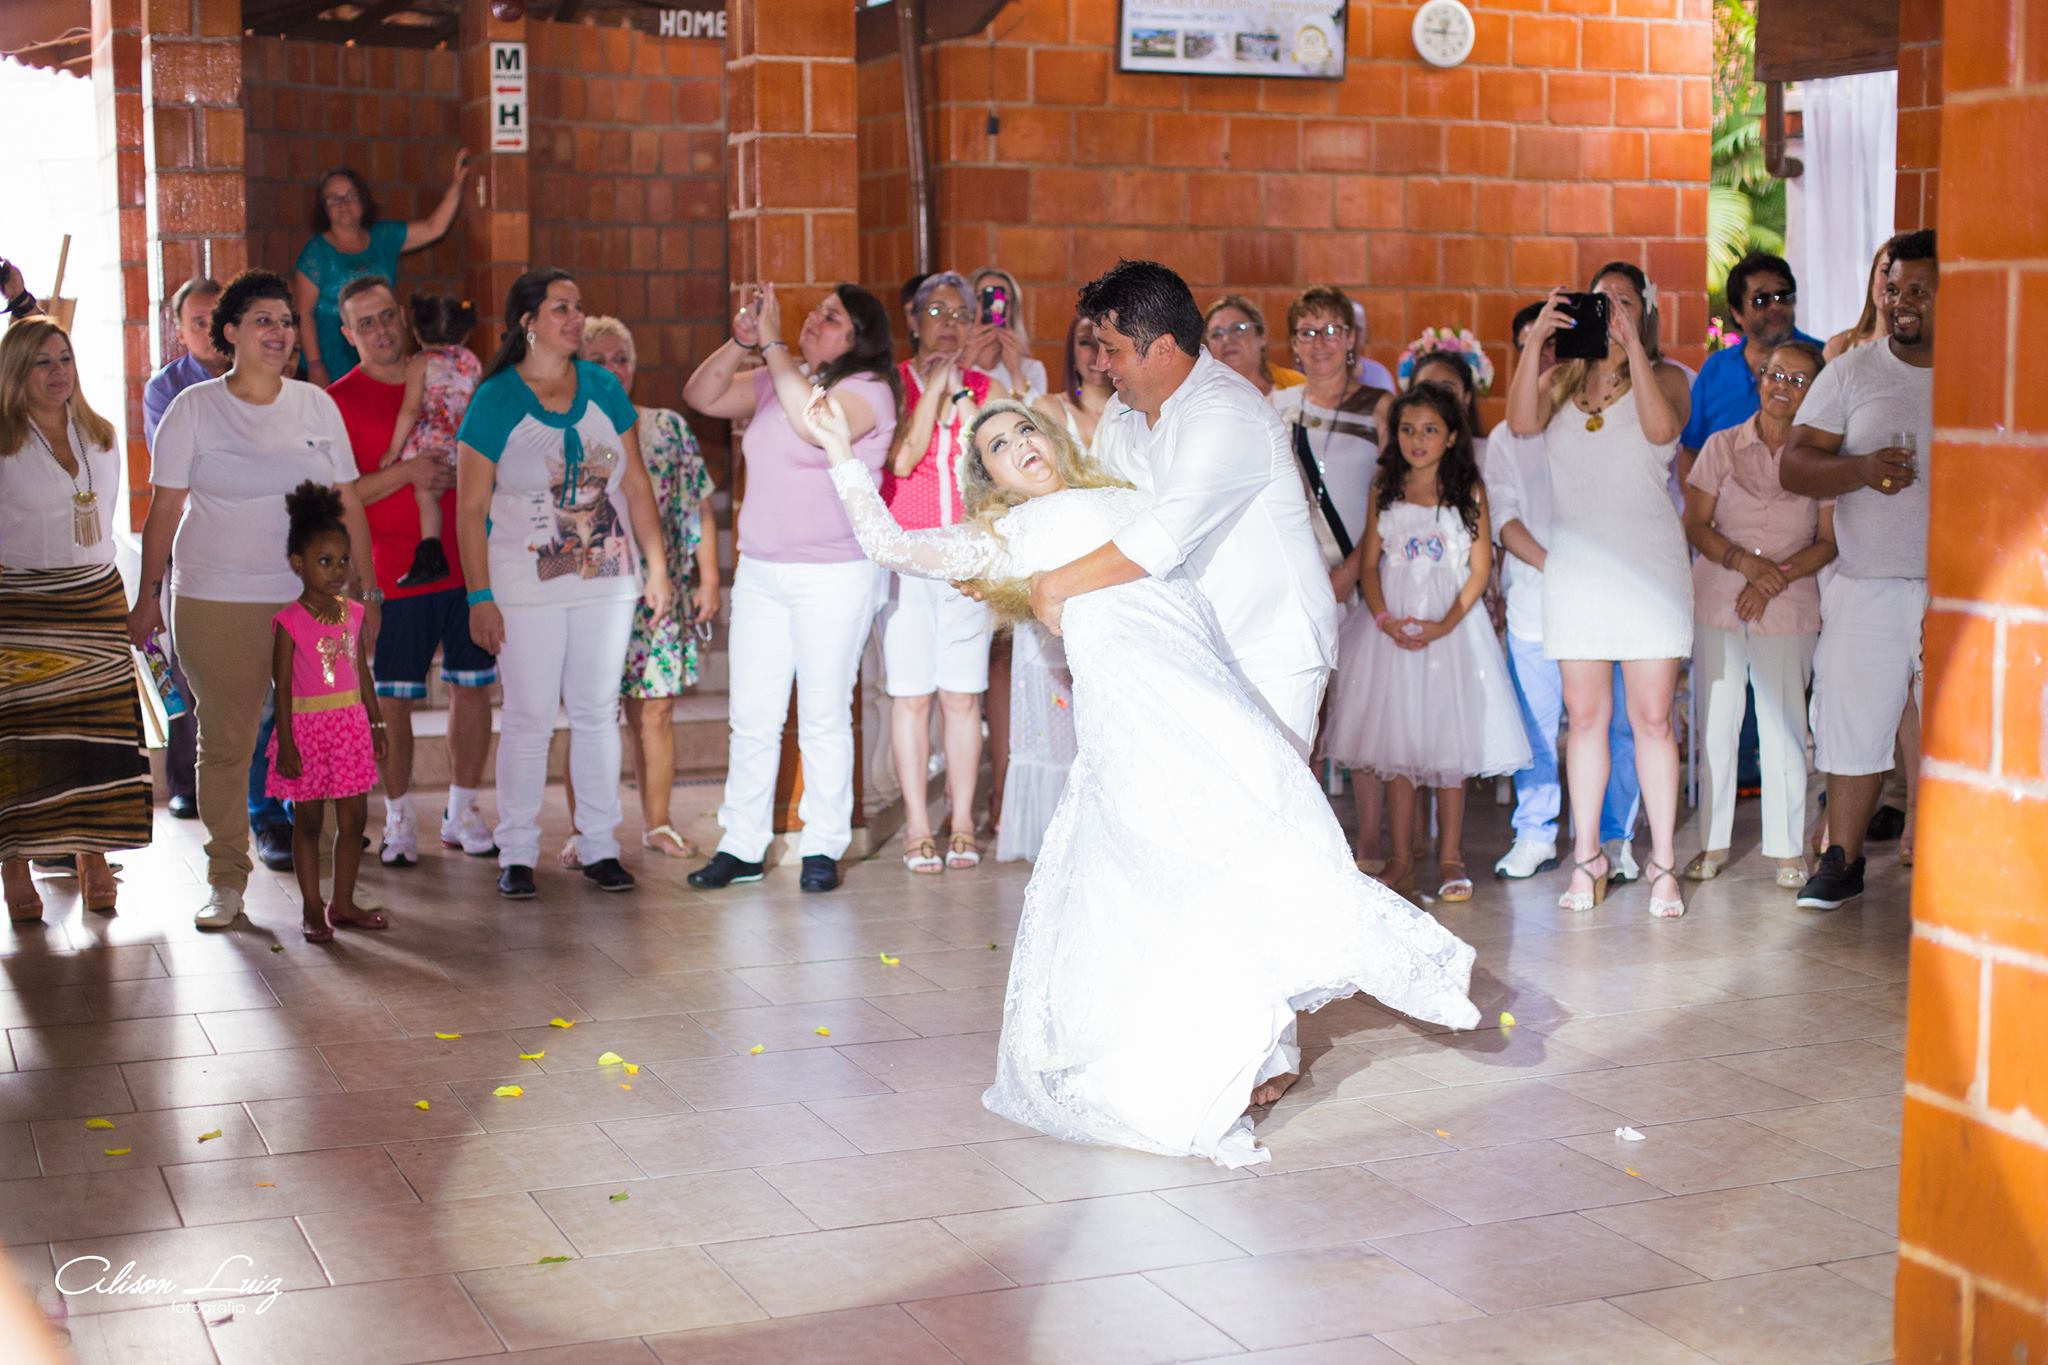 Fotógrafo evangélico registra casamento umbandista e faz lindo relato do que viu 20